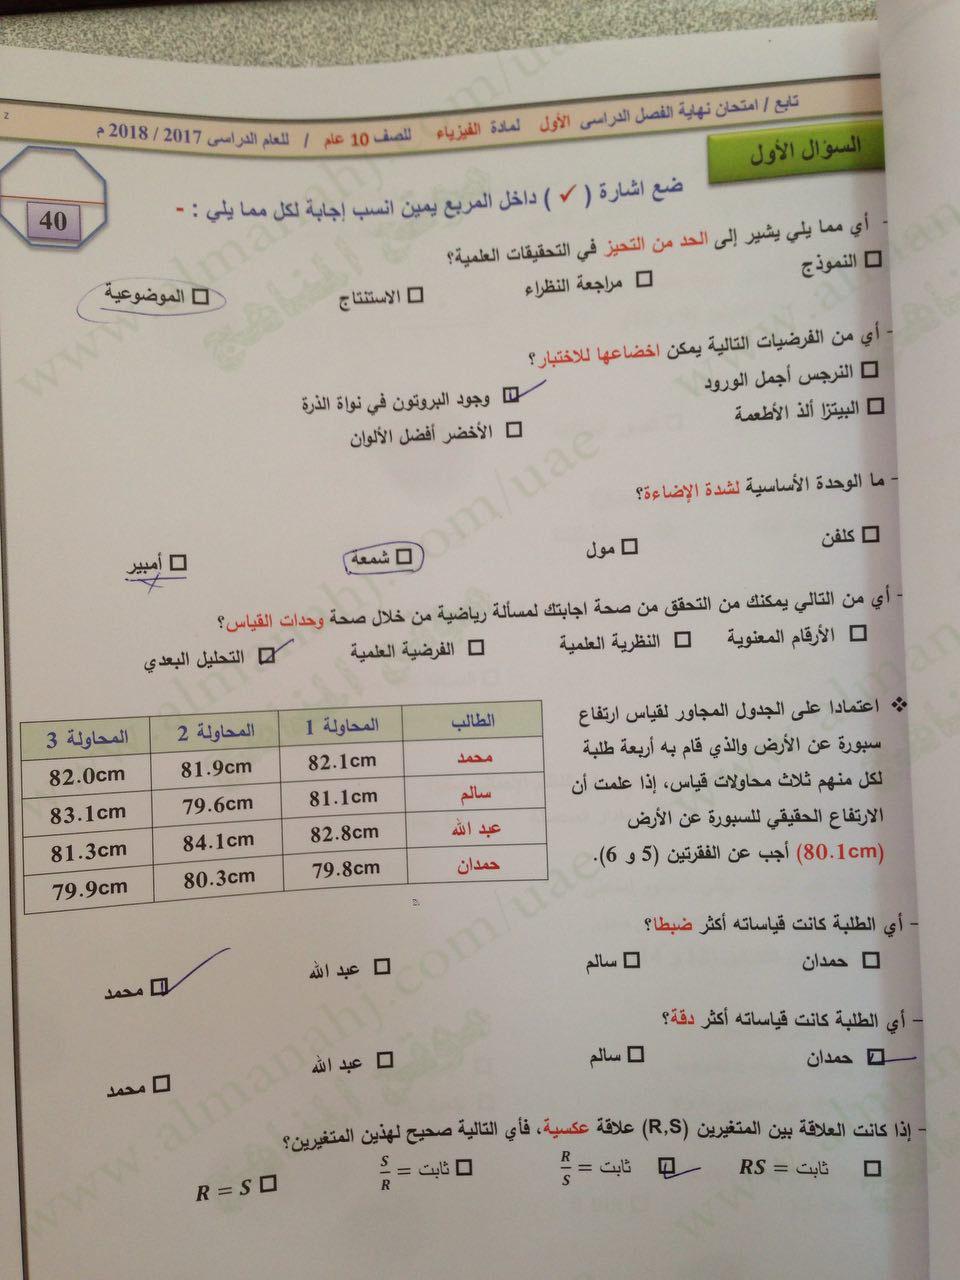 كتاب اللغة الانجليزية للصف الاول ثانوي pdf 2019